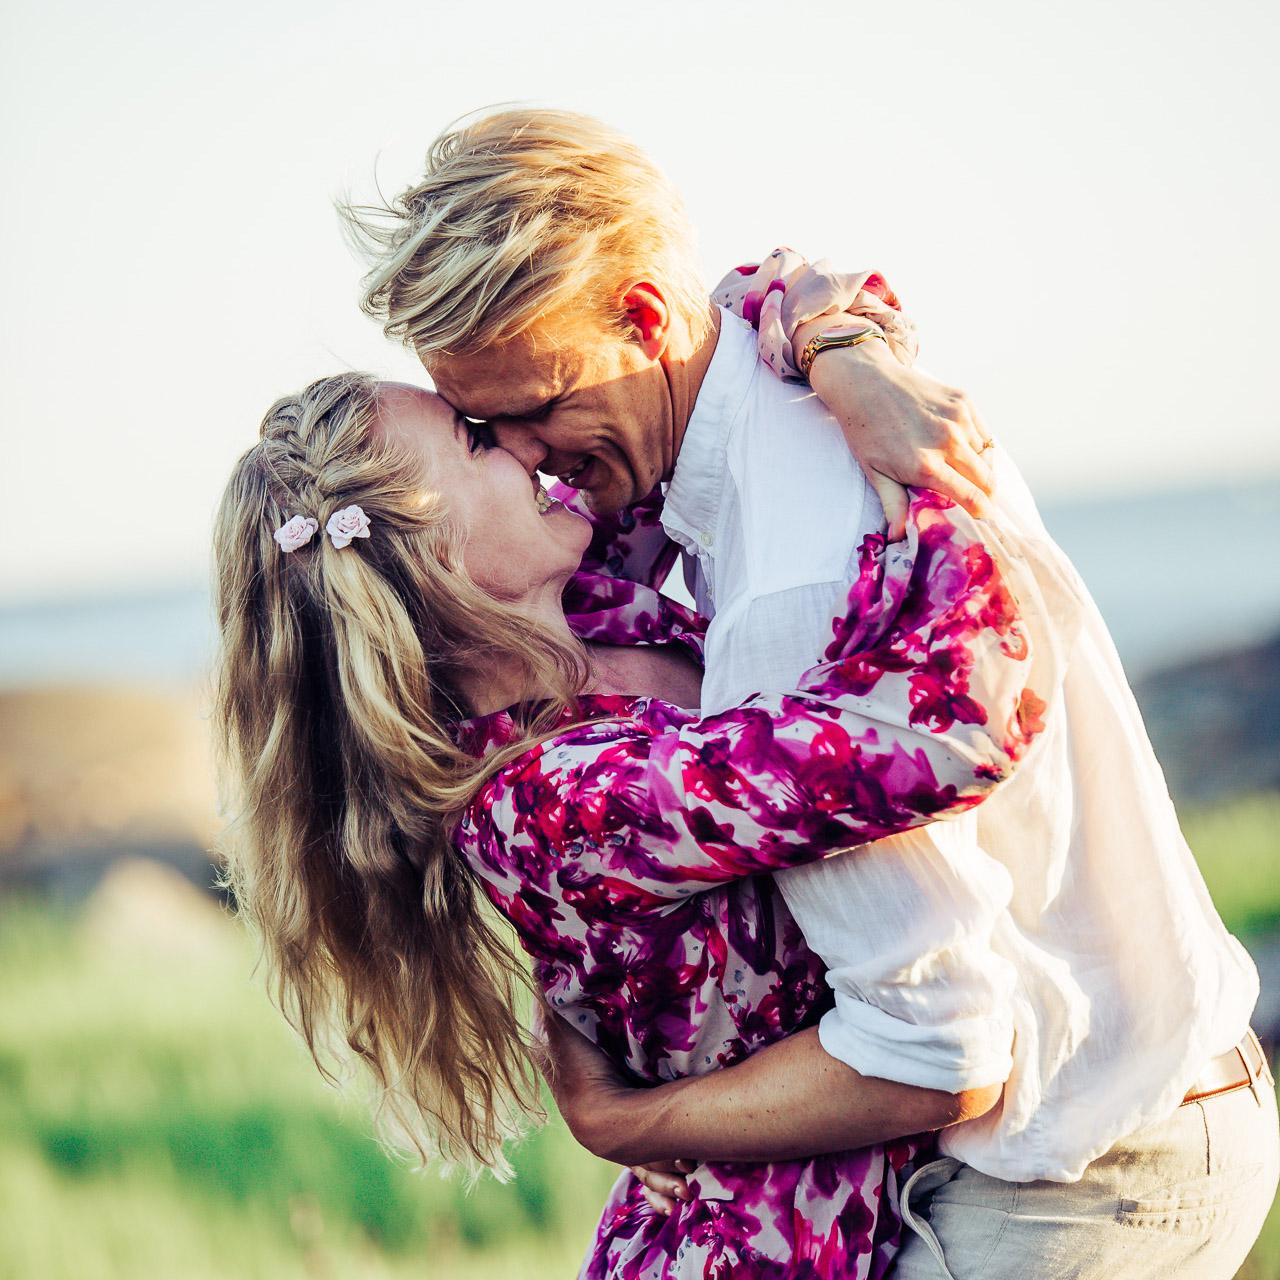 bröllopsfotograf uppsala, göteborg, förlovningsfoto, preshoot, kärlek, fotograf, bröllop